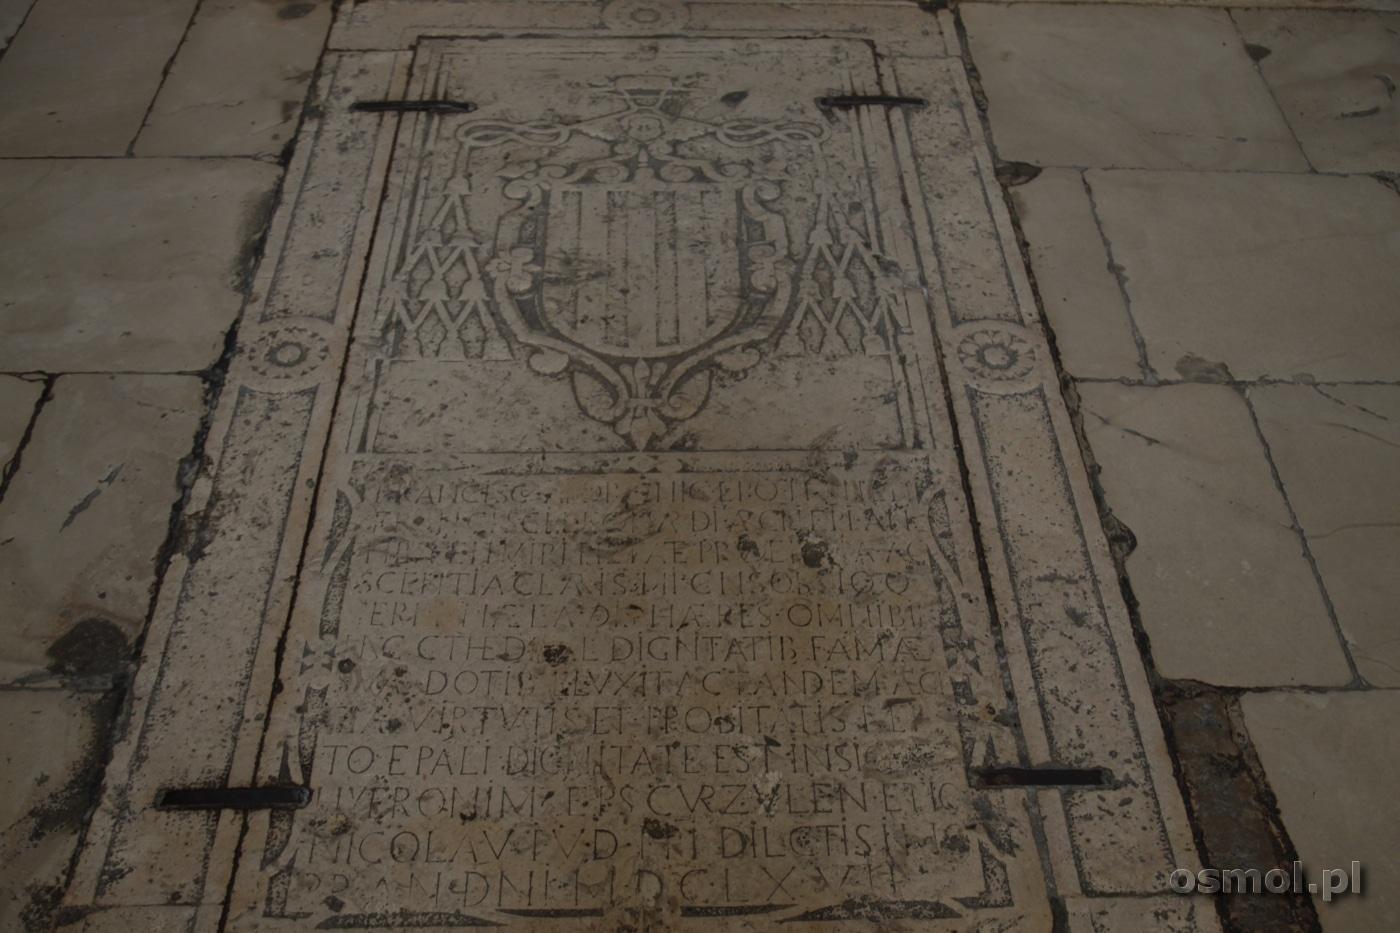 Plyta nagrobna katedra w Trogirze Chorwacja